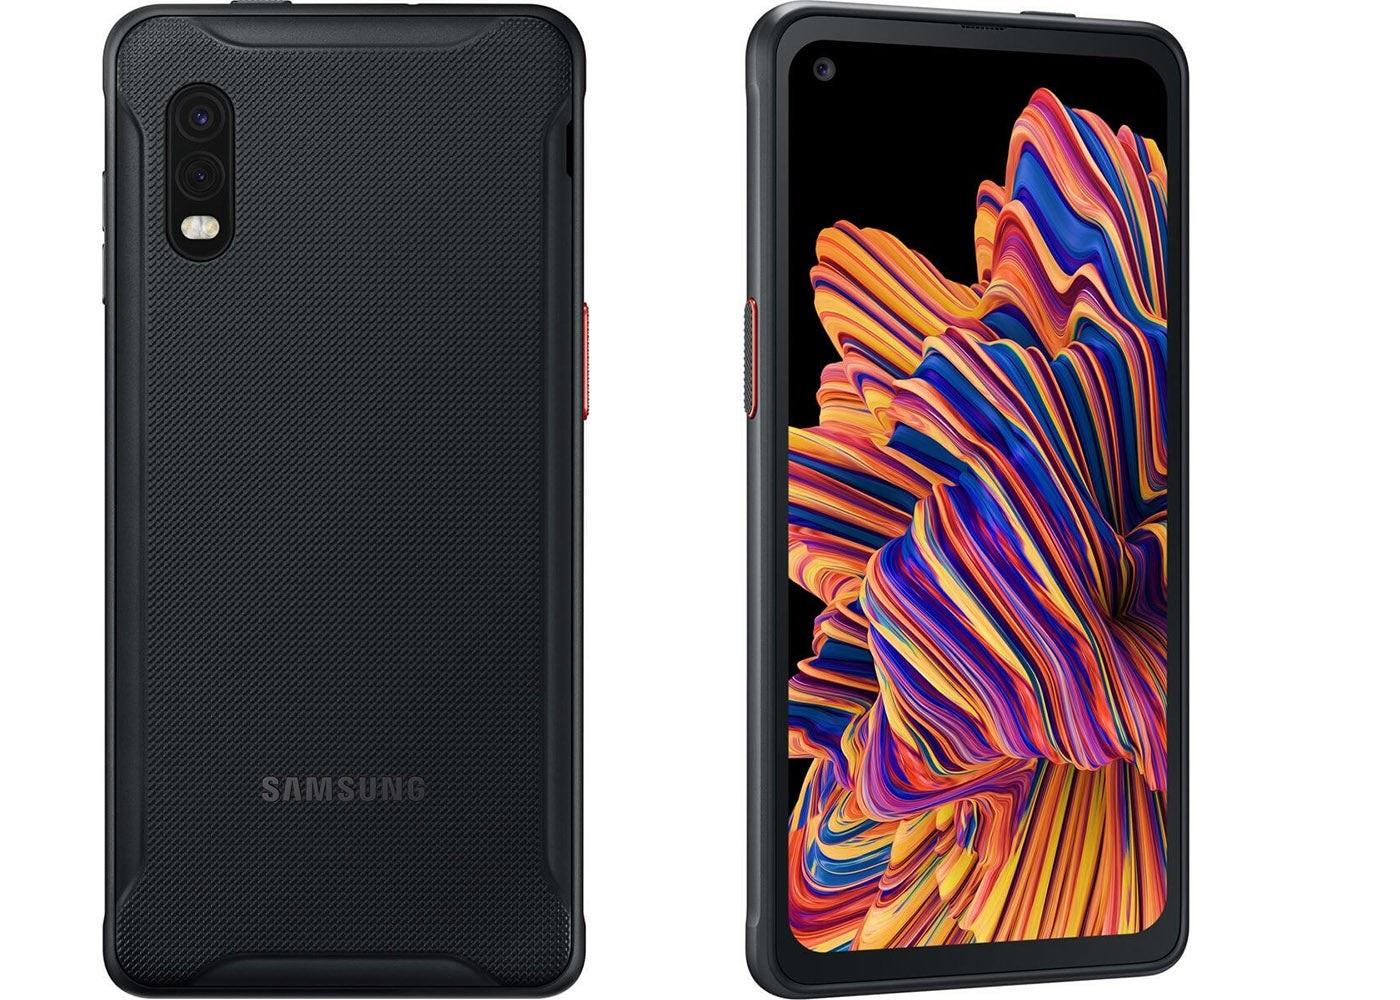 سامسونج تكشف عن أحدث هواتفها الصلبة المقاومة لمختلف الظروف Samsung Galaxy XCover Pro